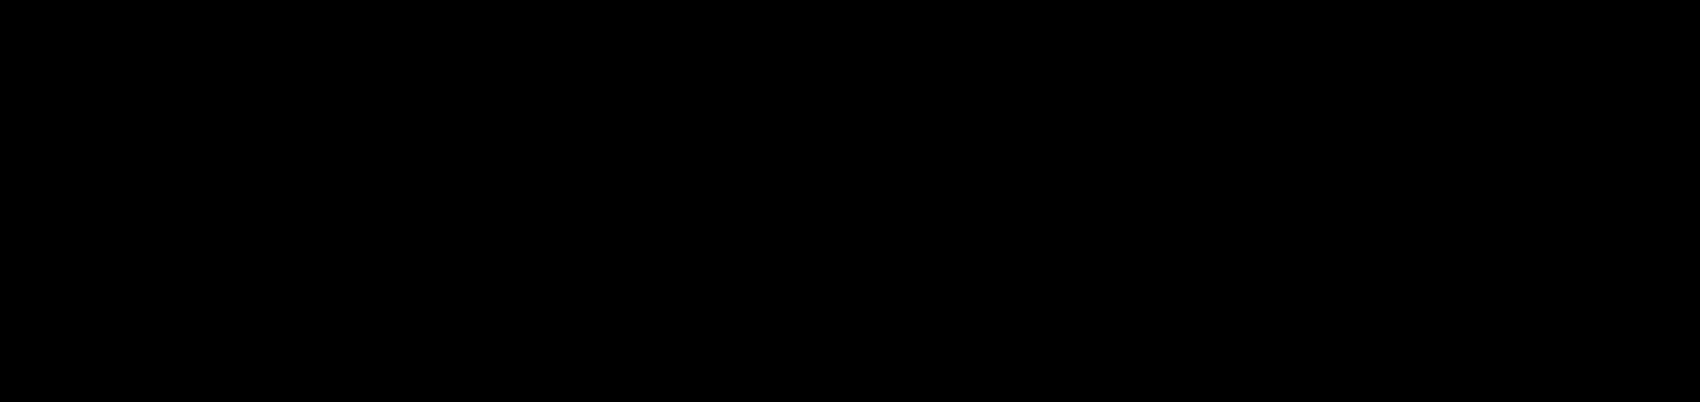 newsletter/img/logos/logo-caveat-90.png